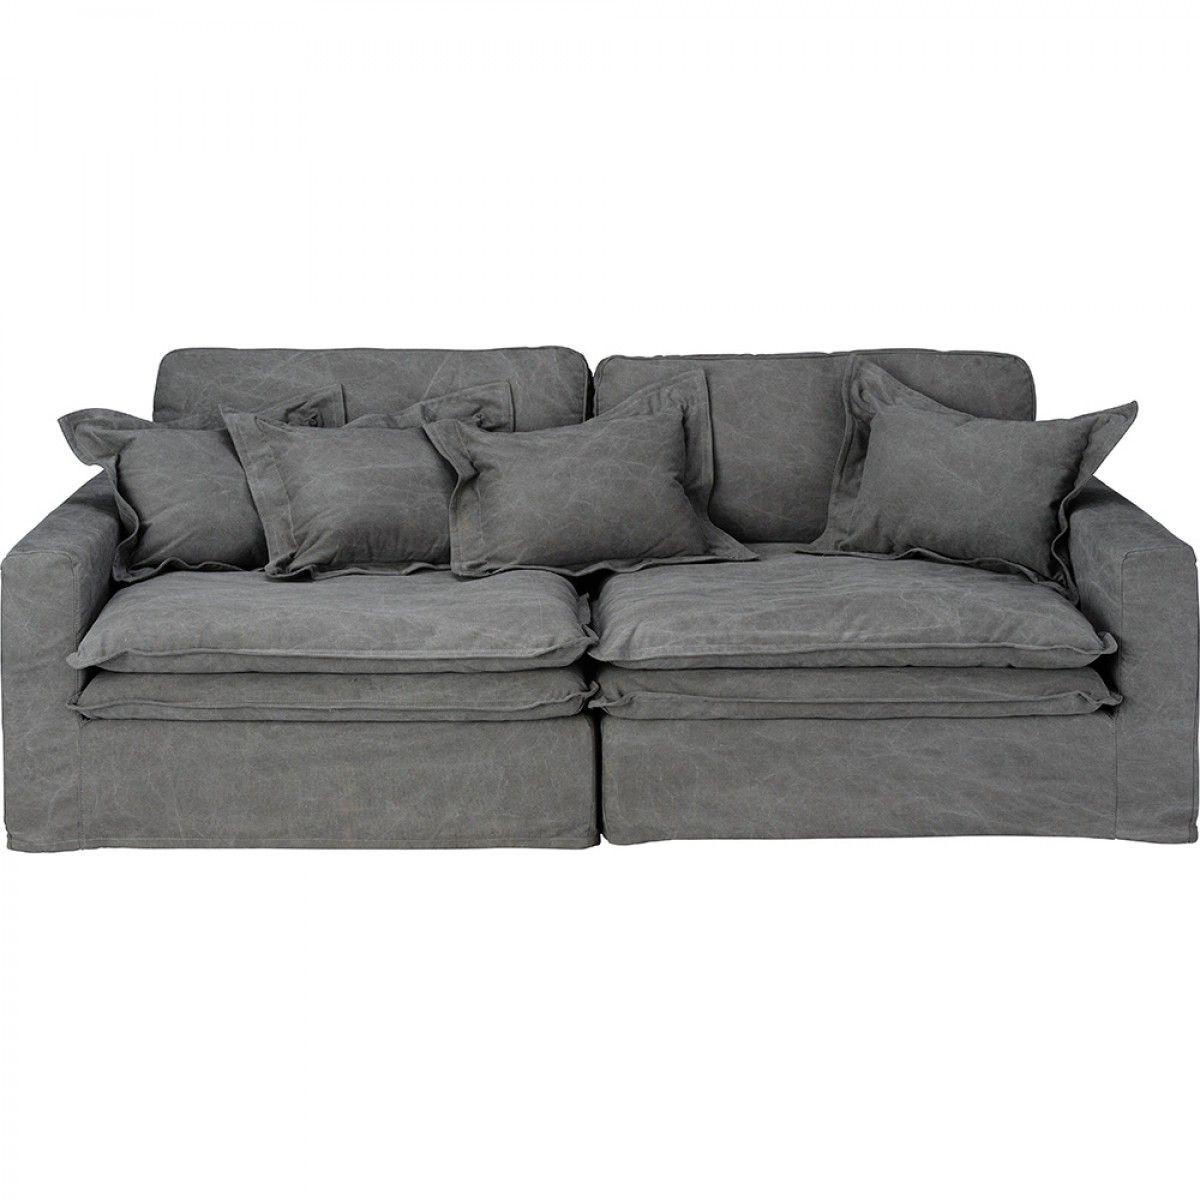 Seater Sofa Vintage Grey Cotton